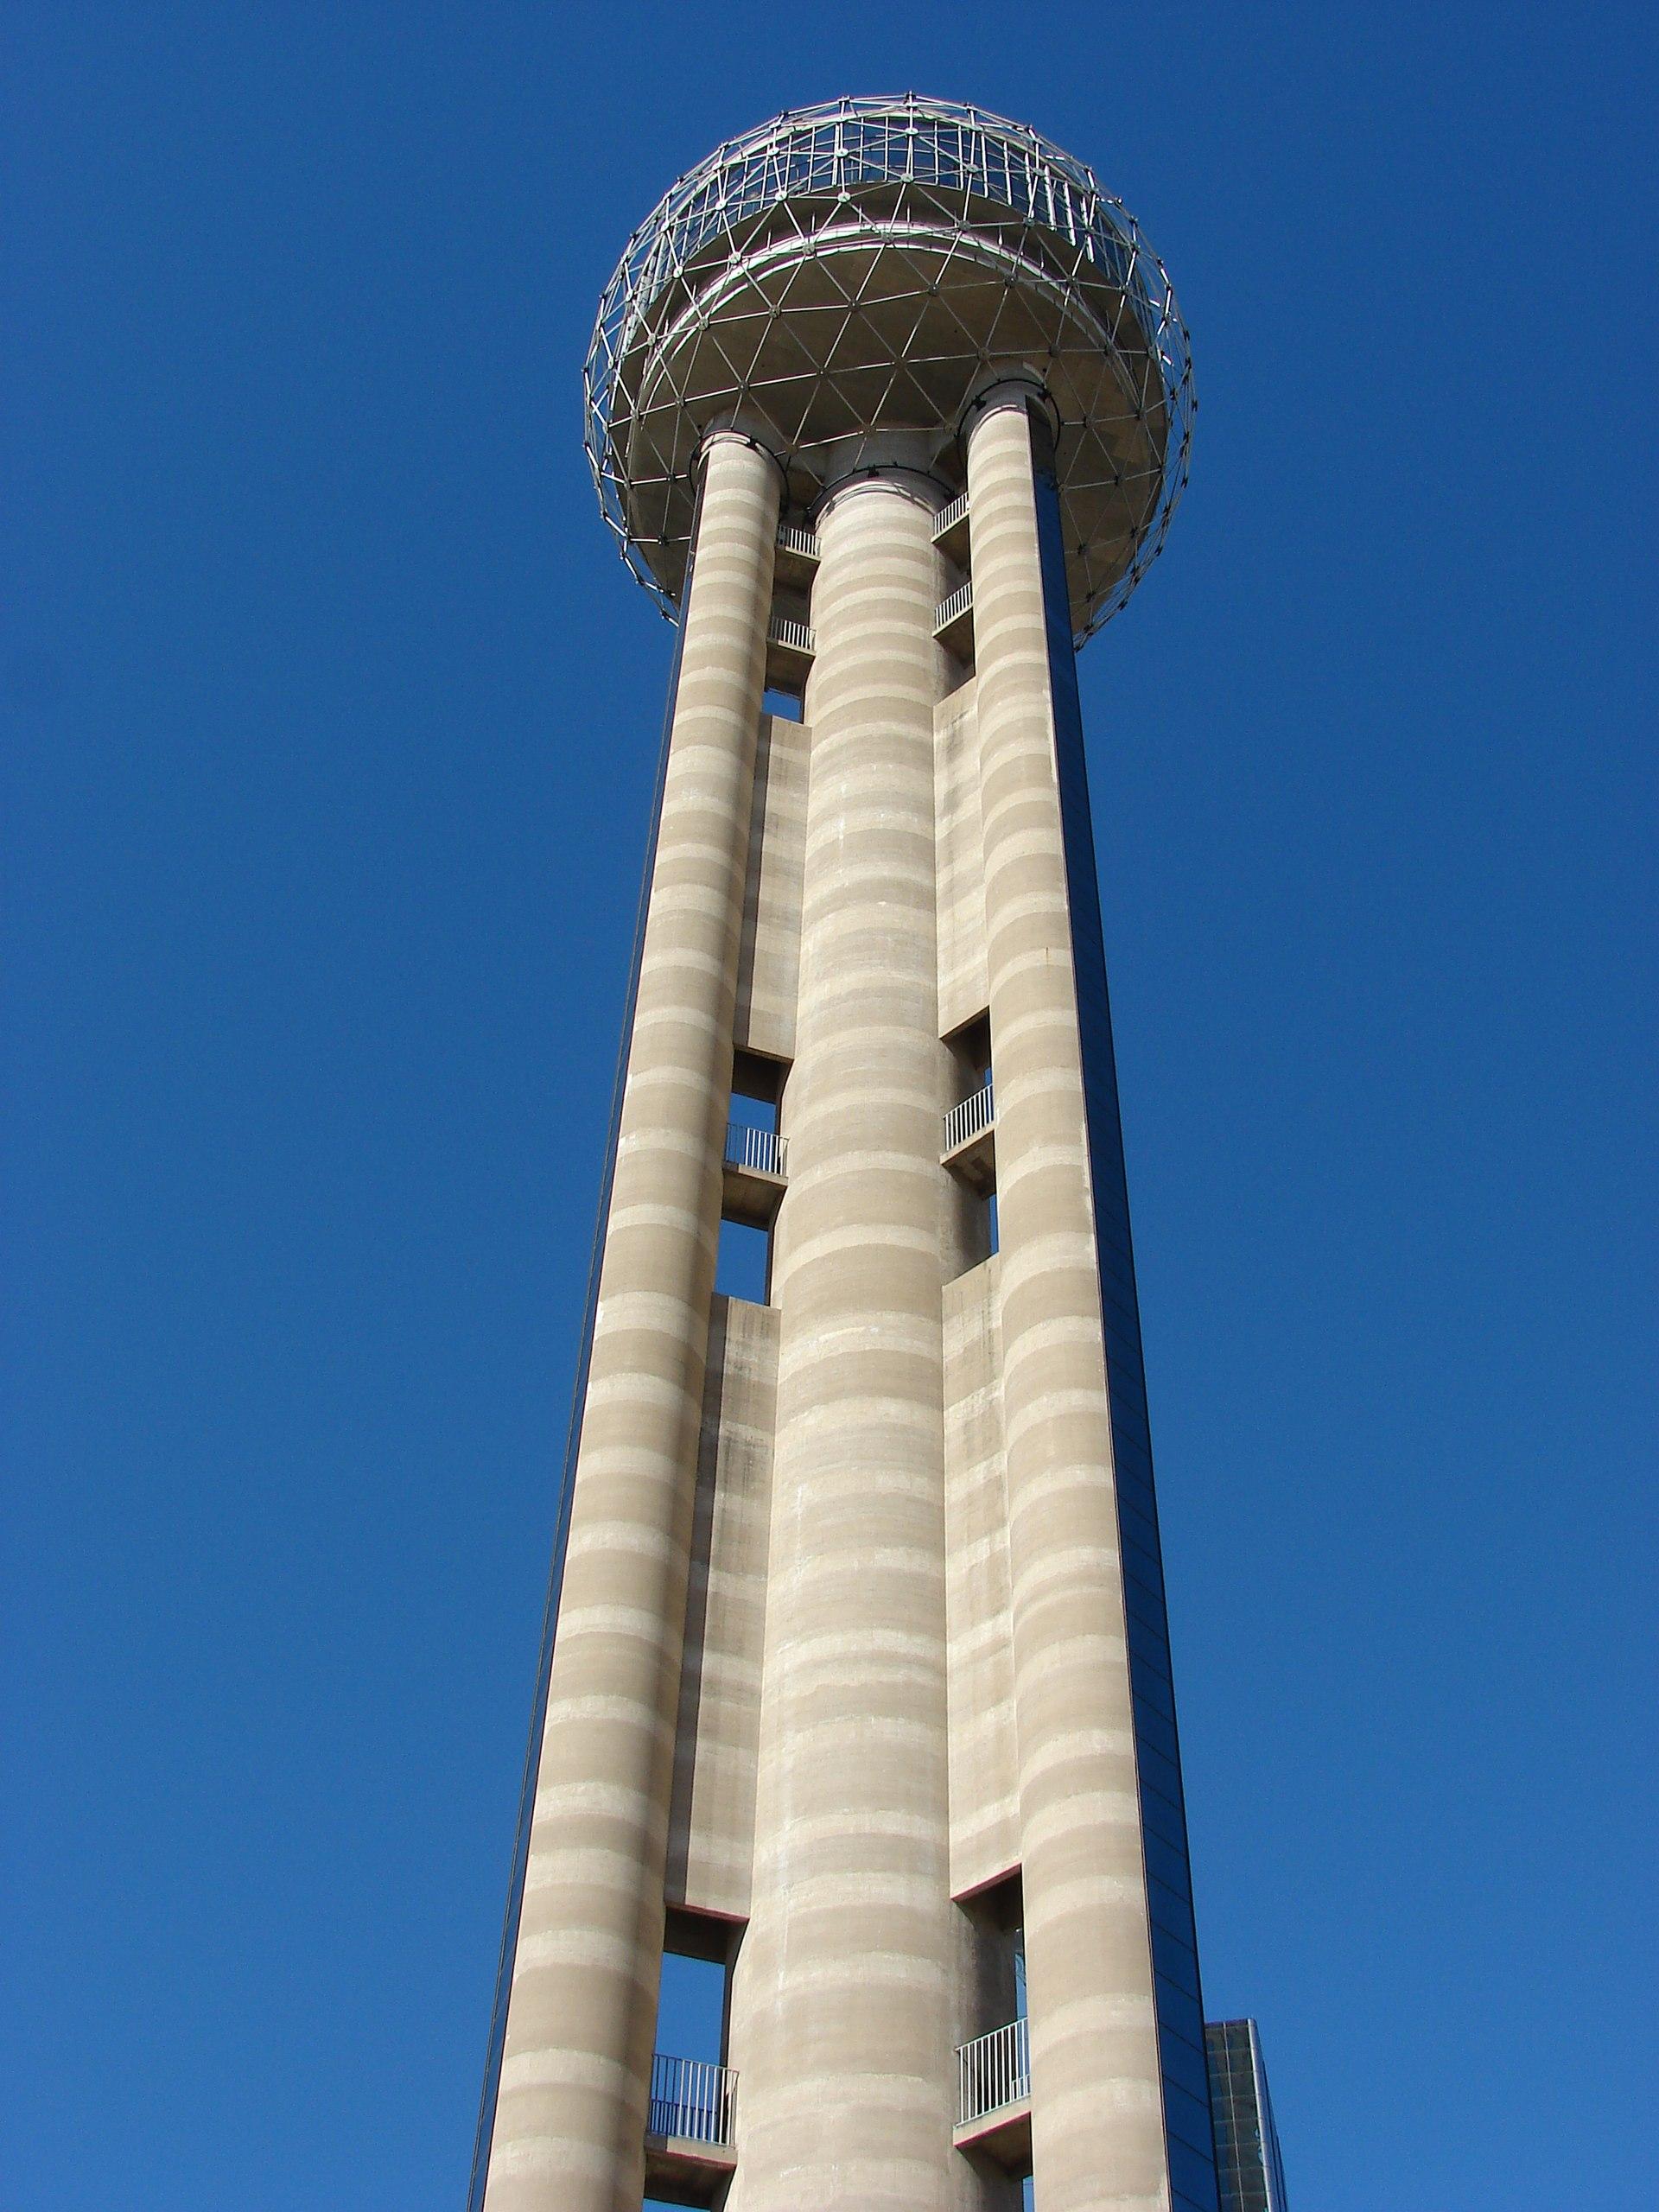 Reunion Tower Wikipedia